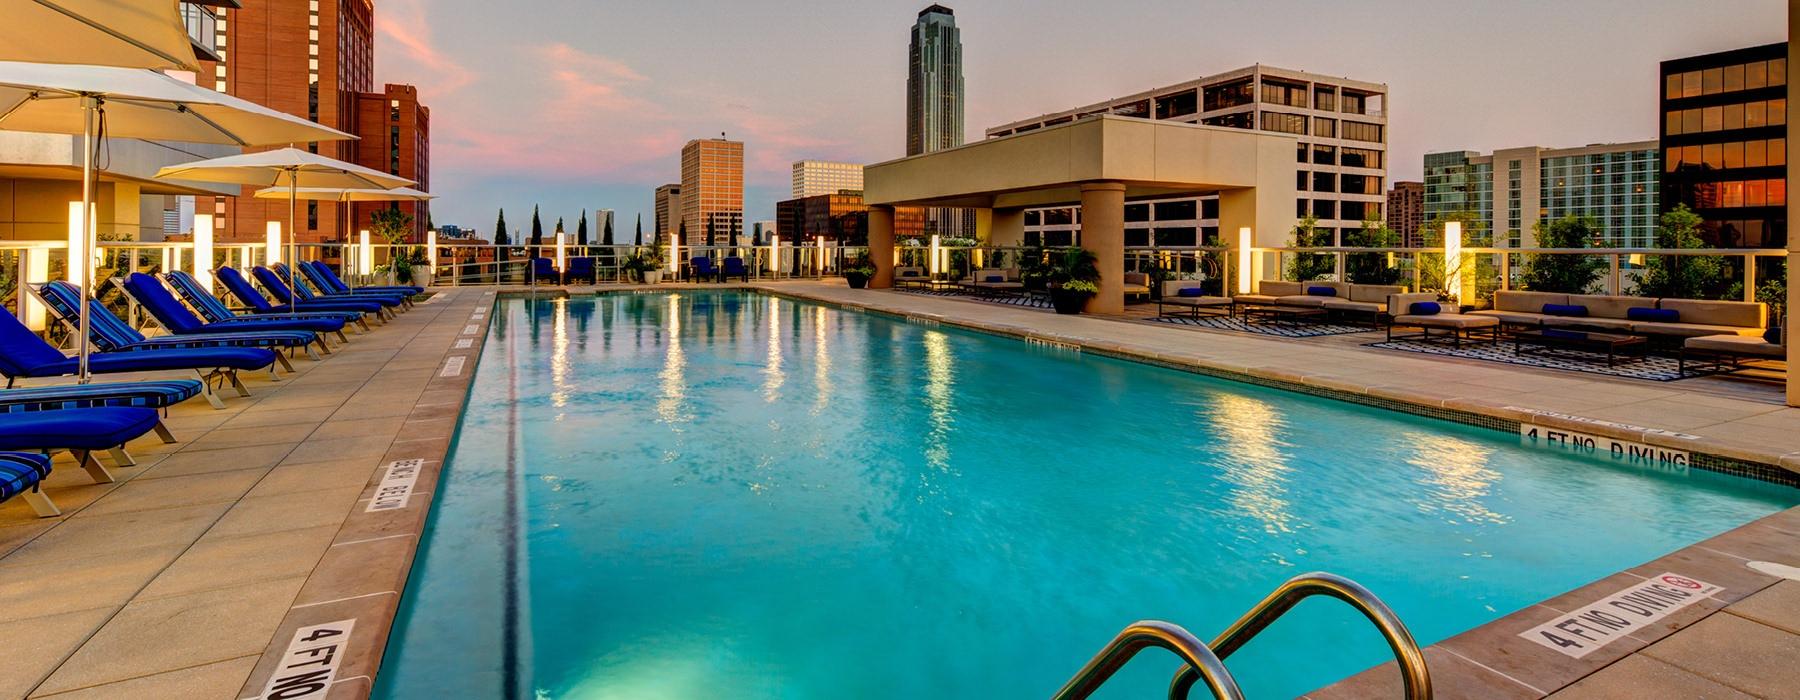 resort-style rooftop pool